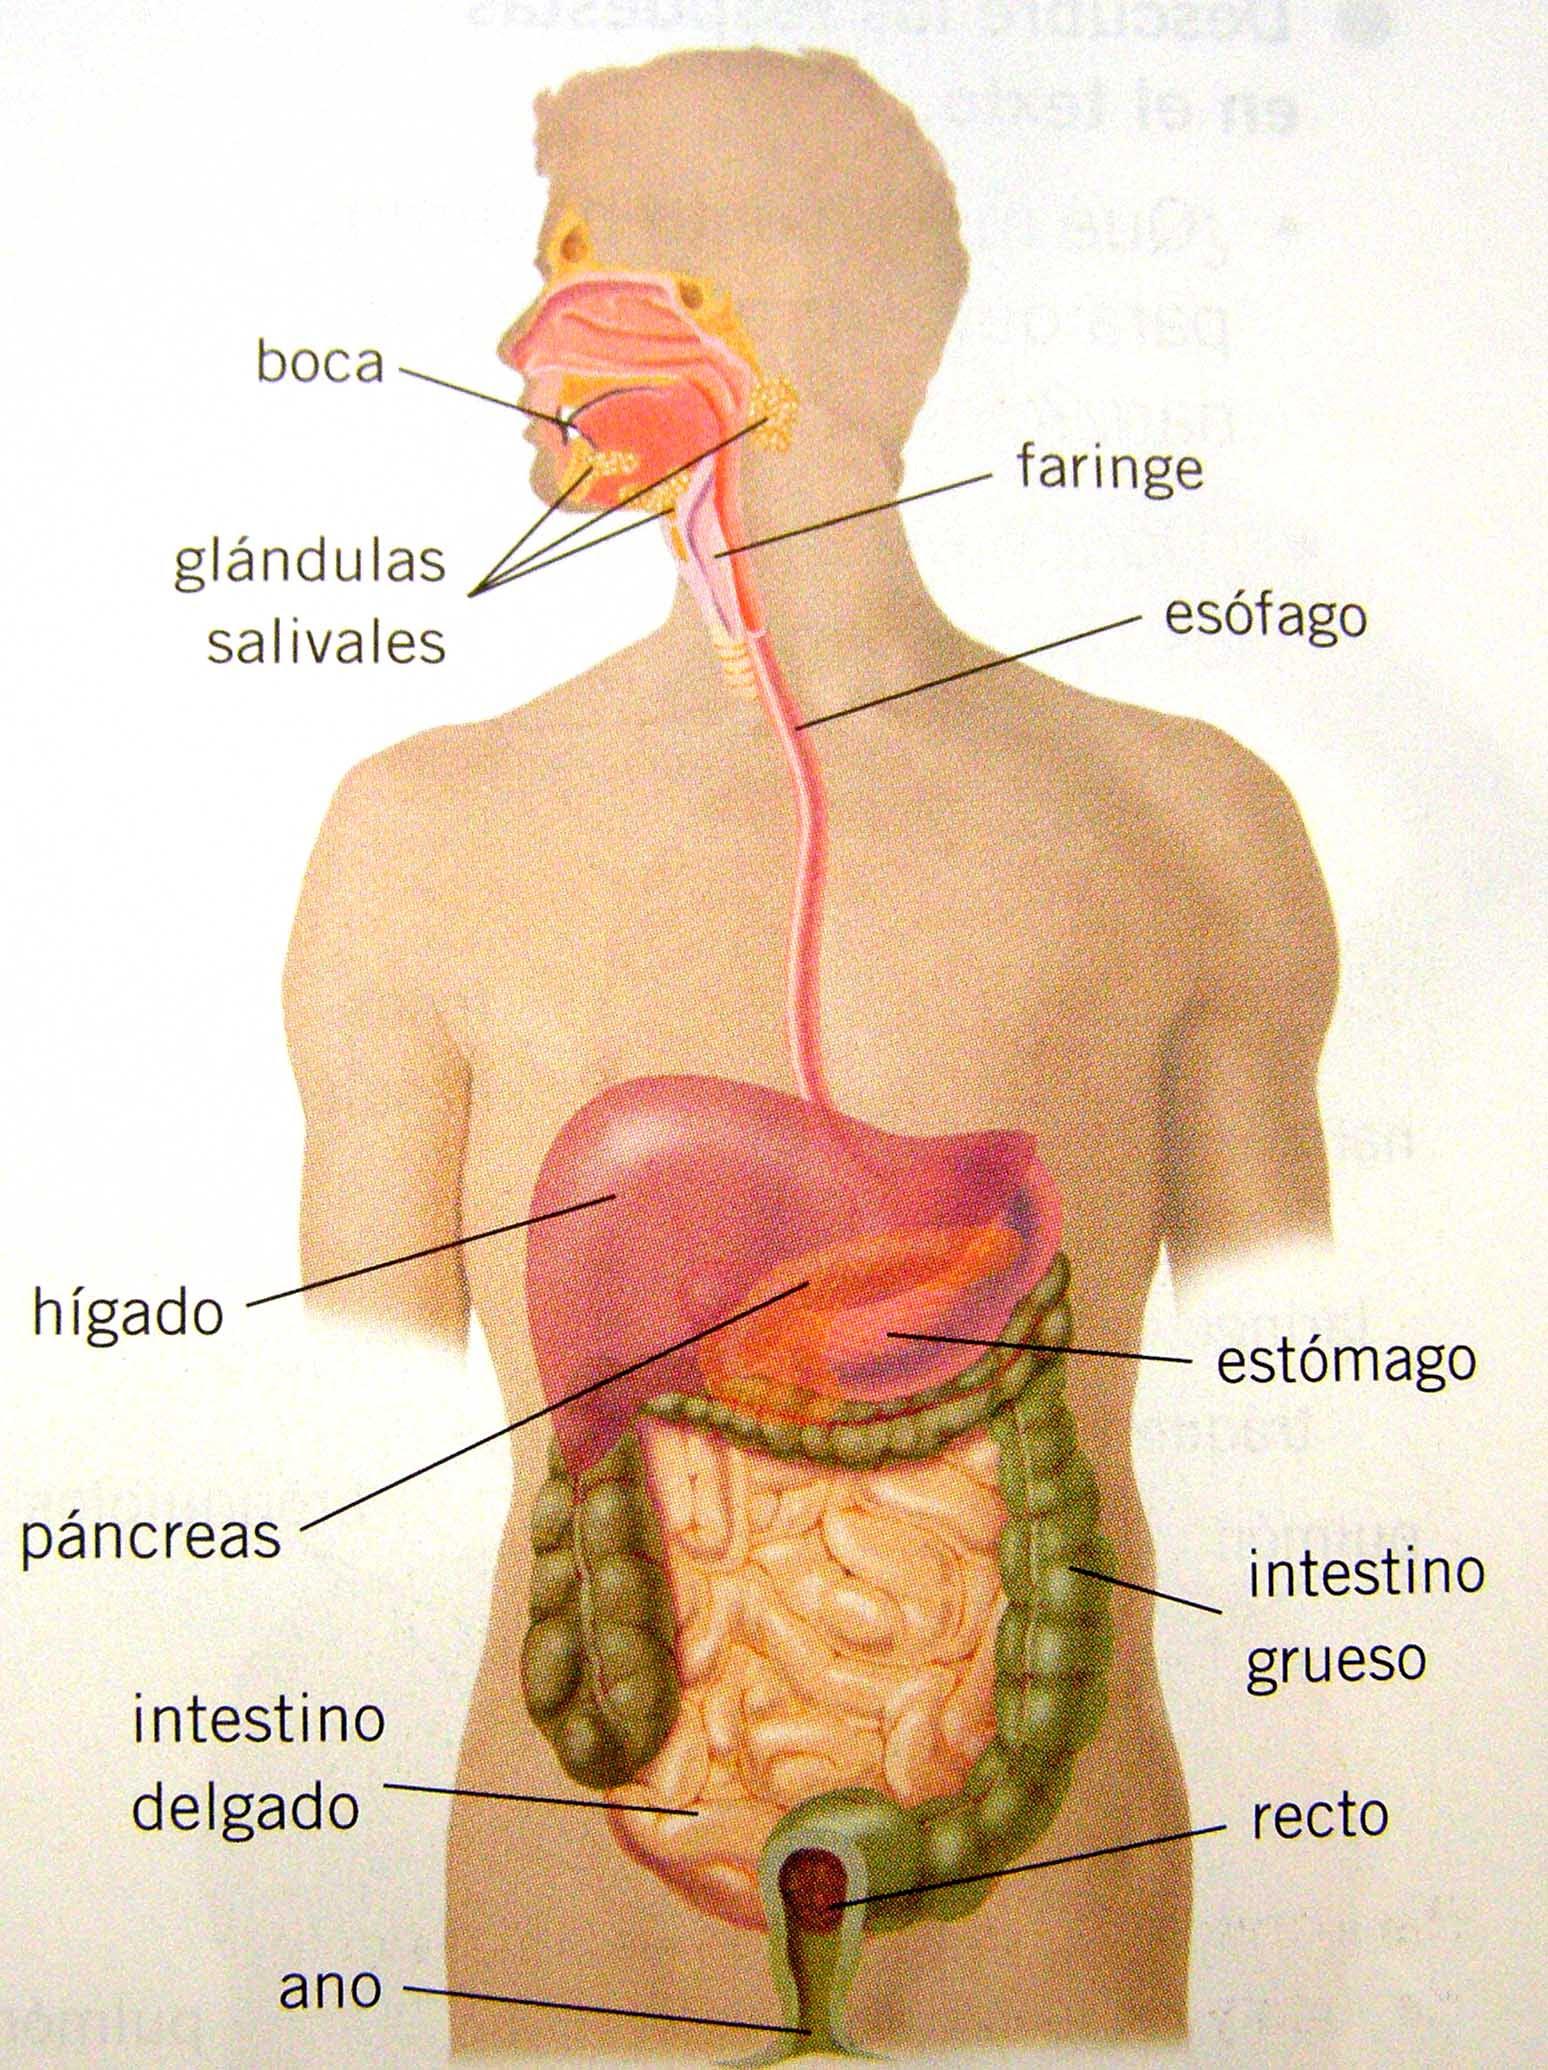 Aparato Digestivo Dibujo Hepatitis2000org